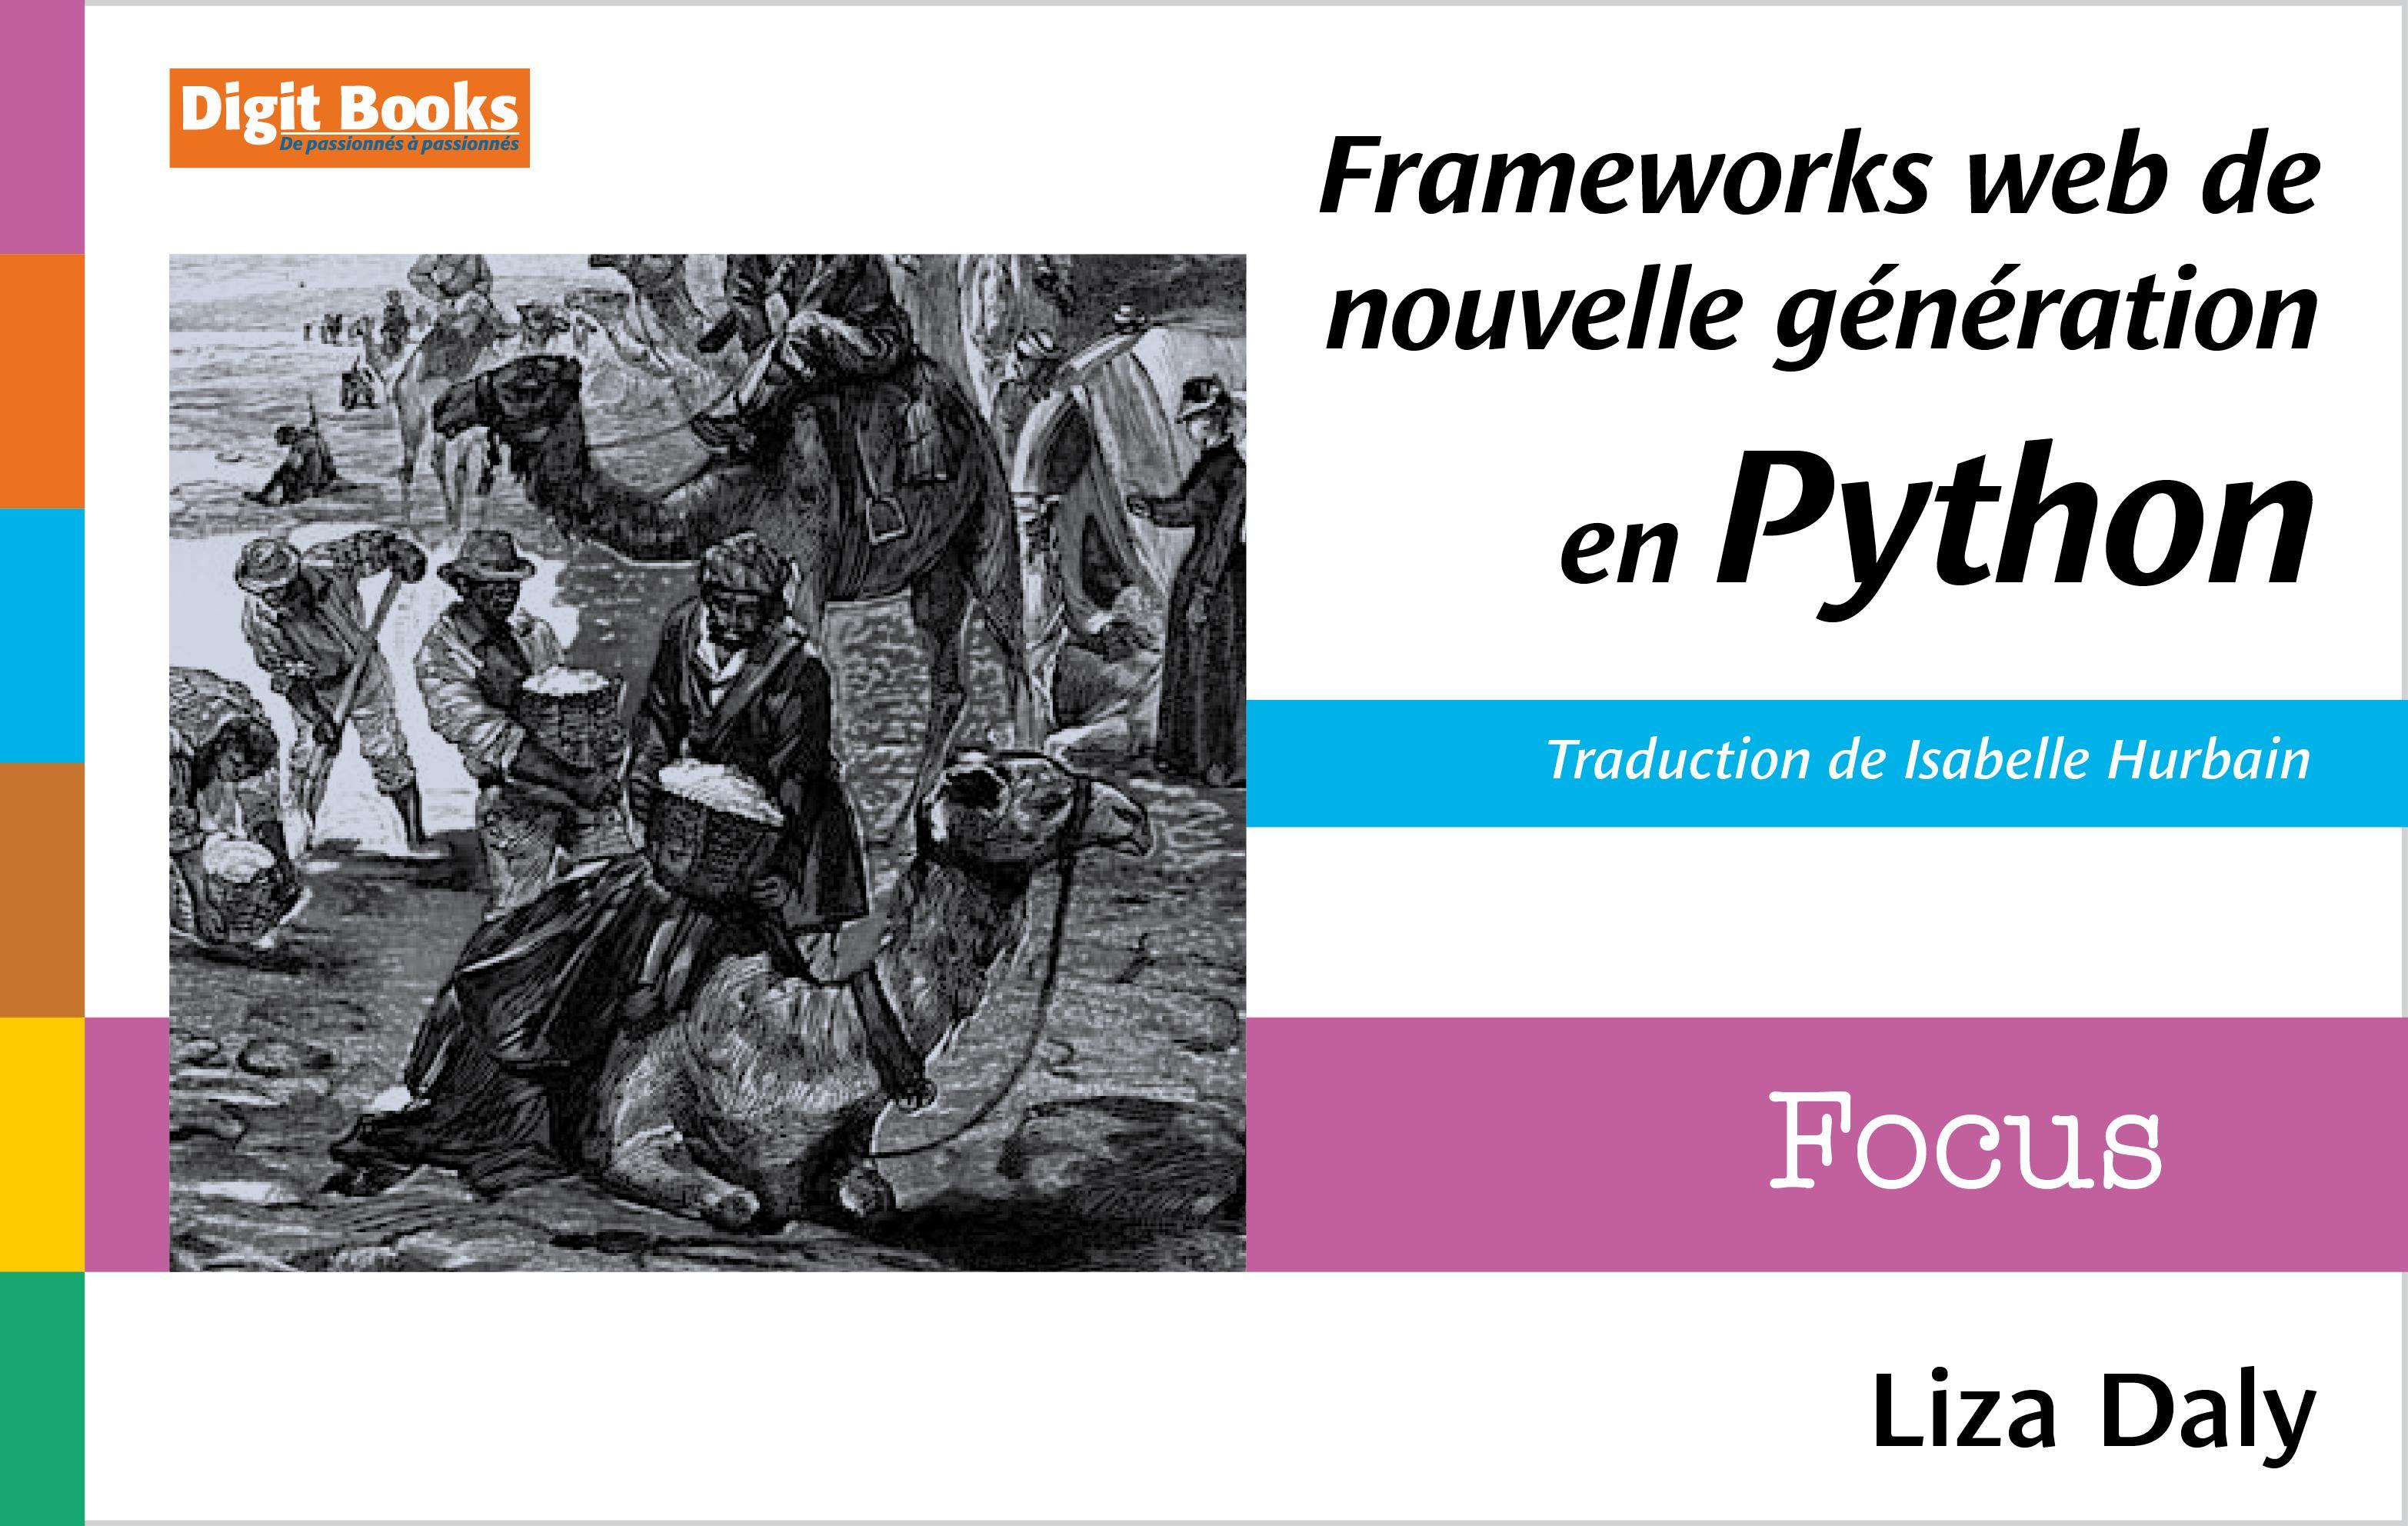 Frameworks web de nouvelle génération en Python